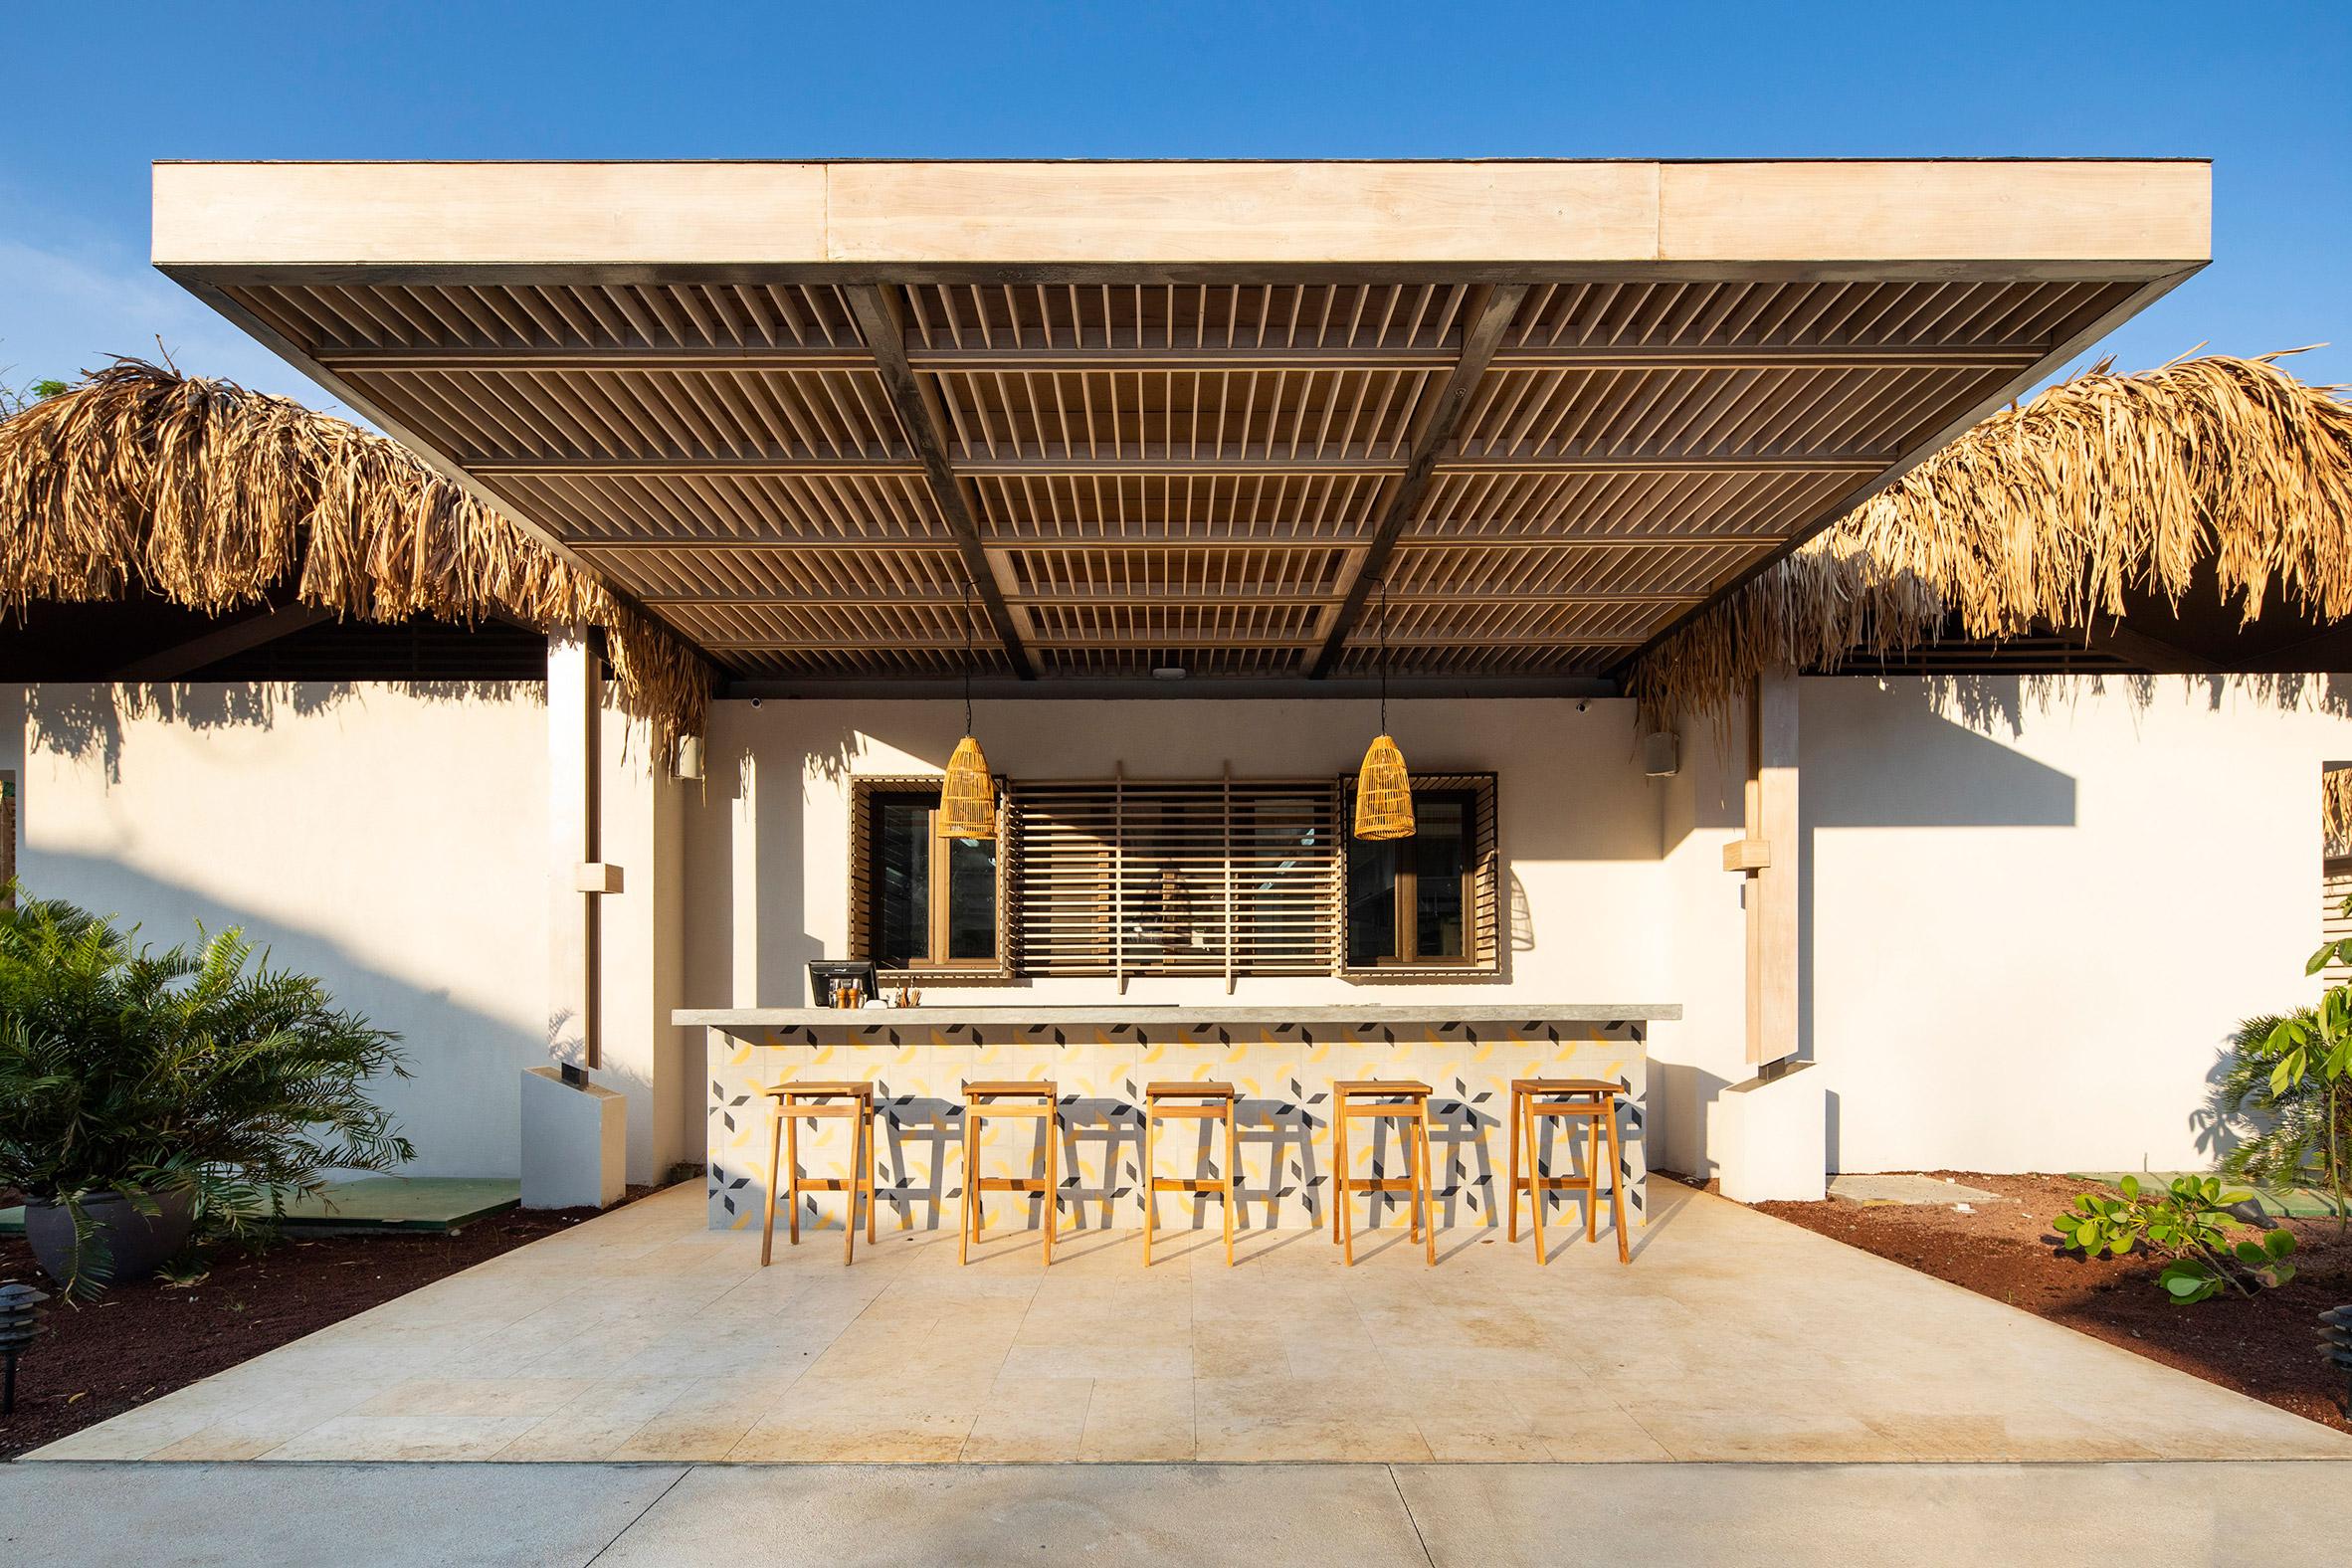 Thiết kế sân vườn Resort 17